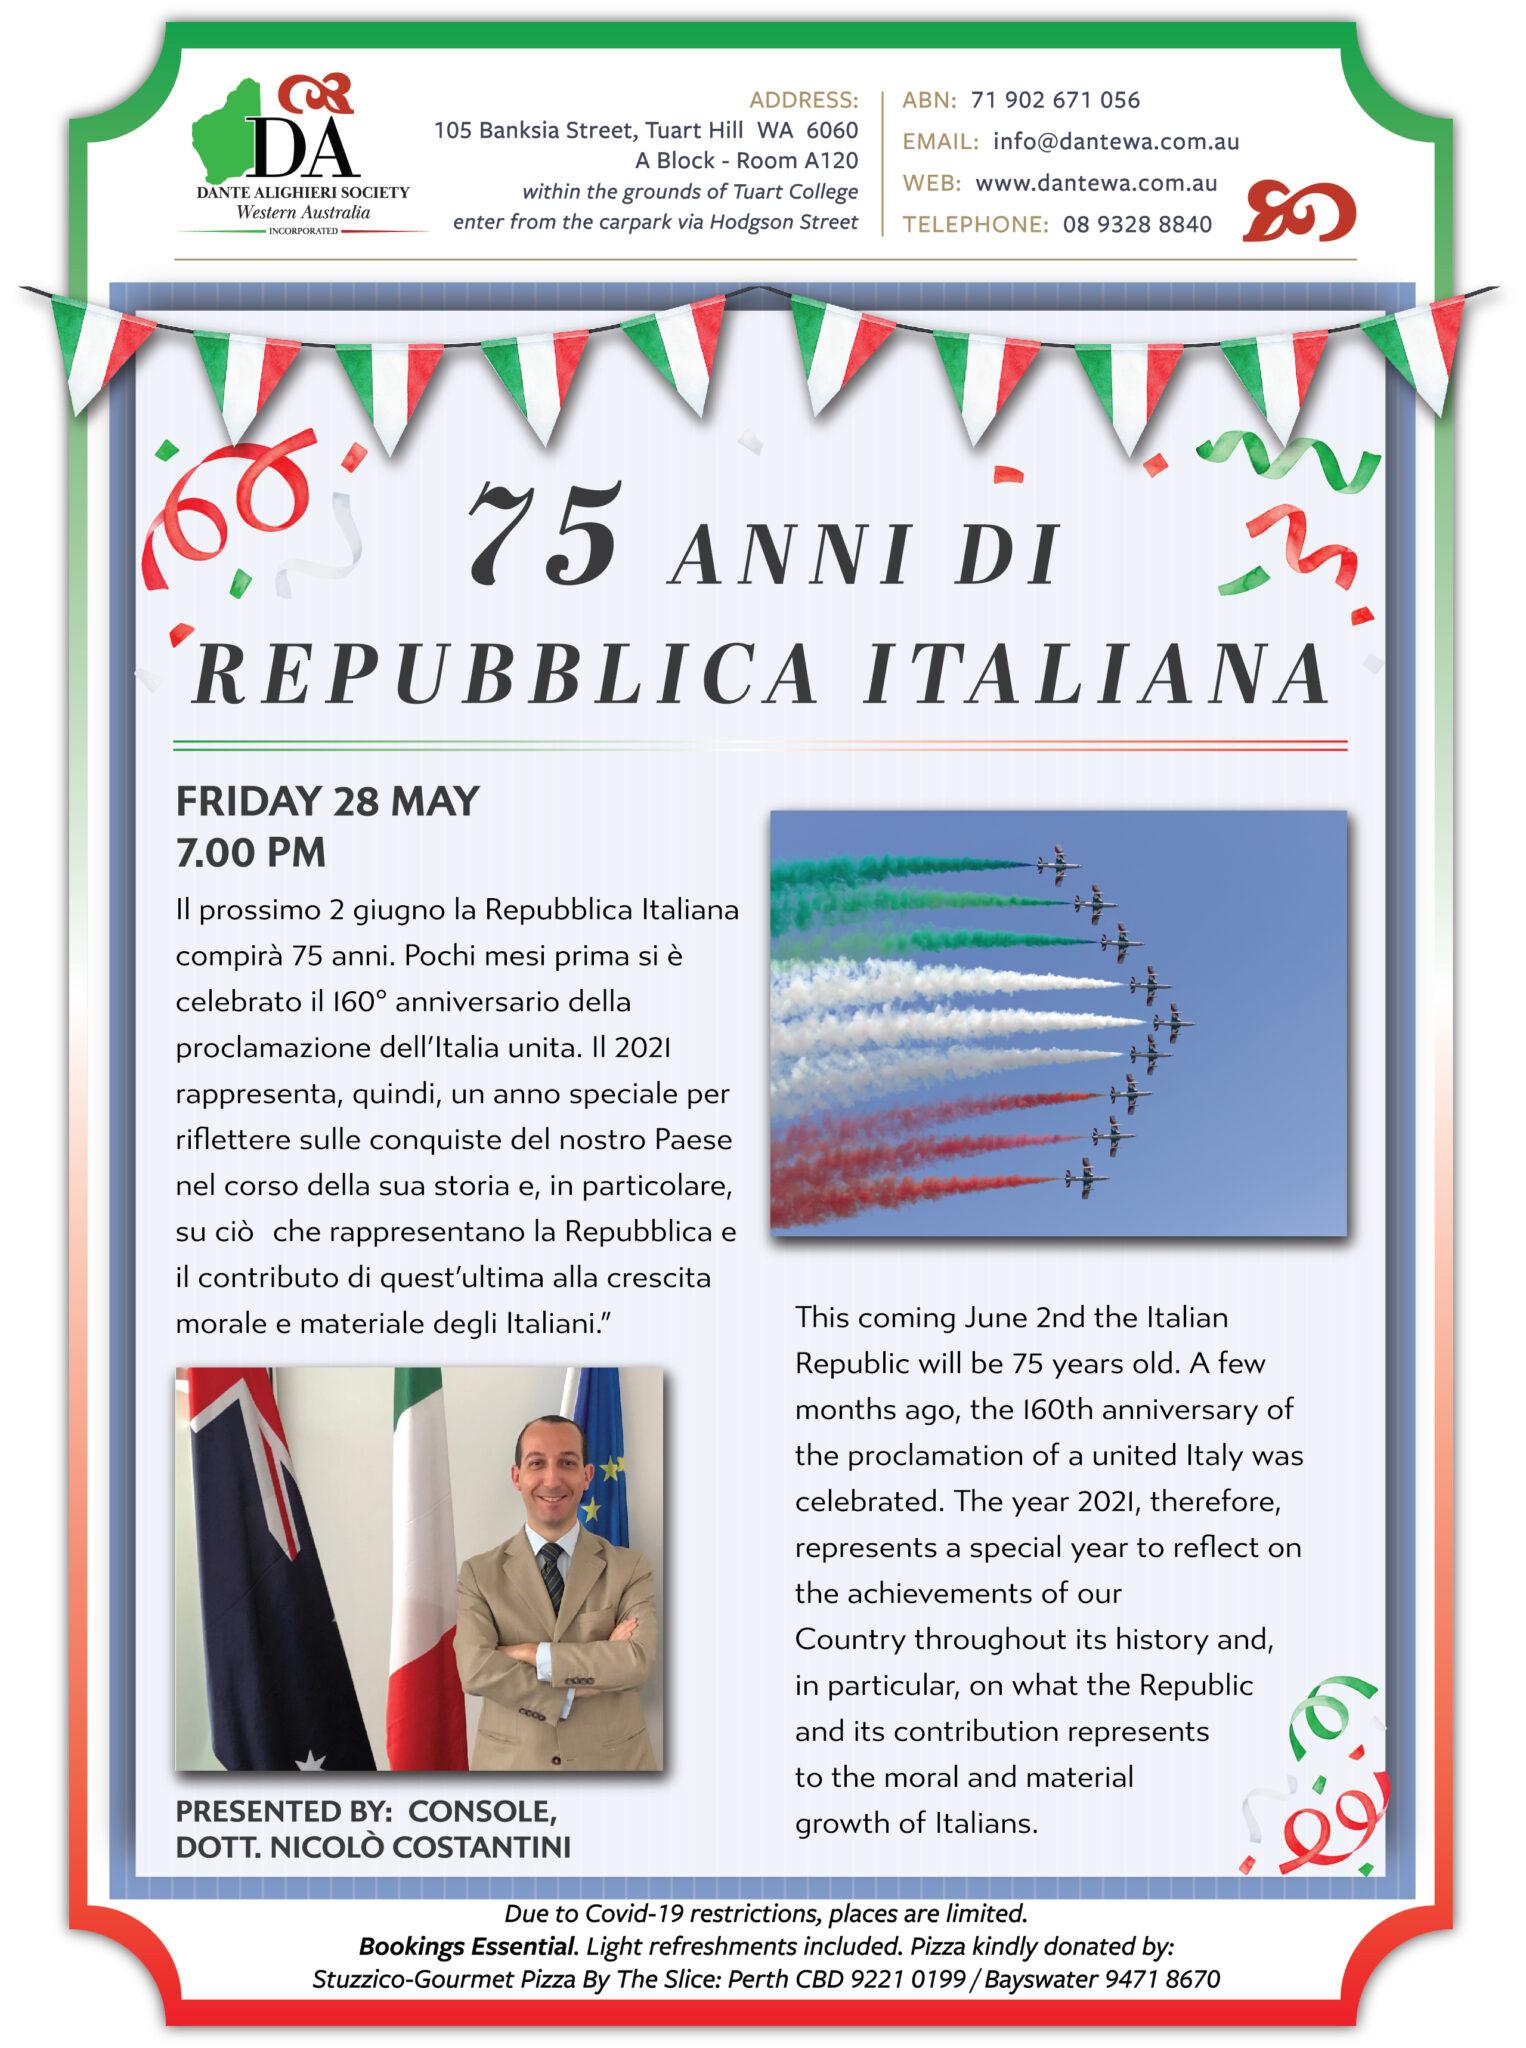 🎂 La Repubblica Italiana compie 75 anni!! 🥂🍾